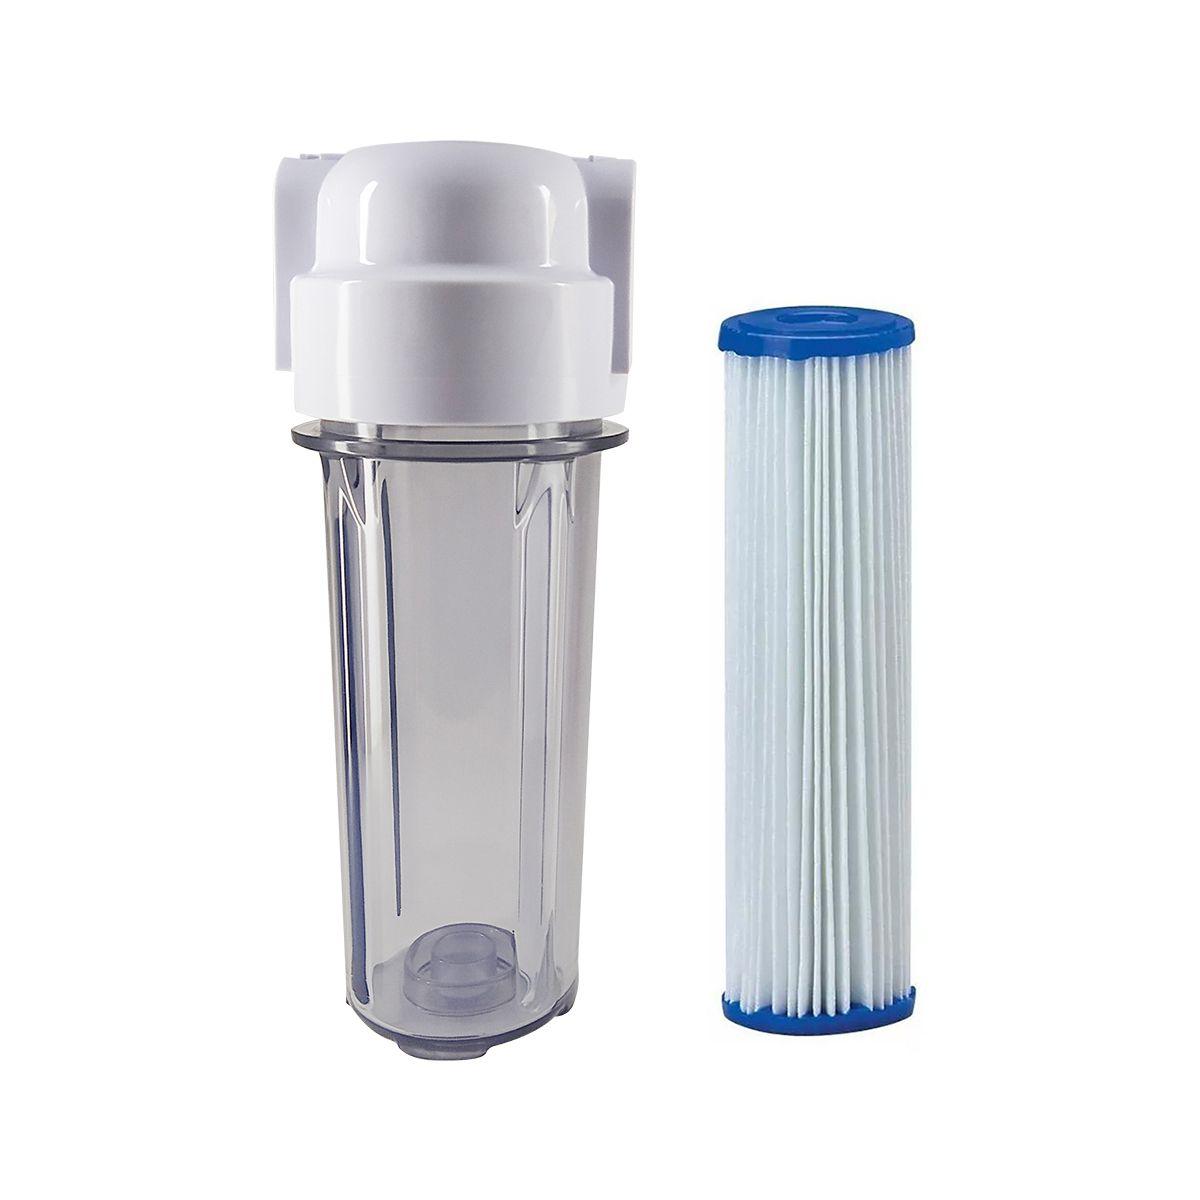 Filtro De Água para Cavalete 10' - Retenção Sujeira